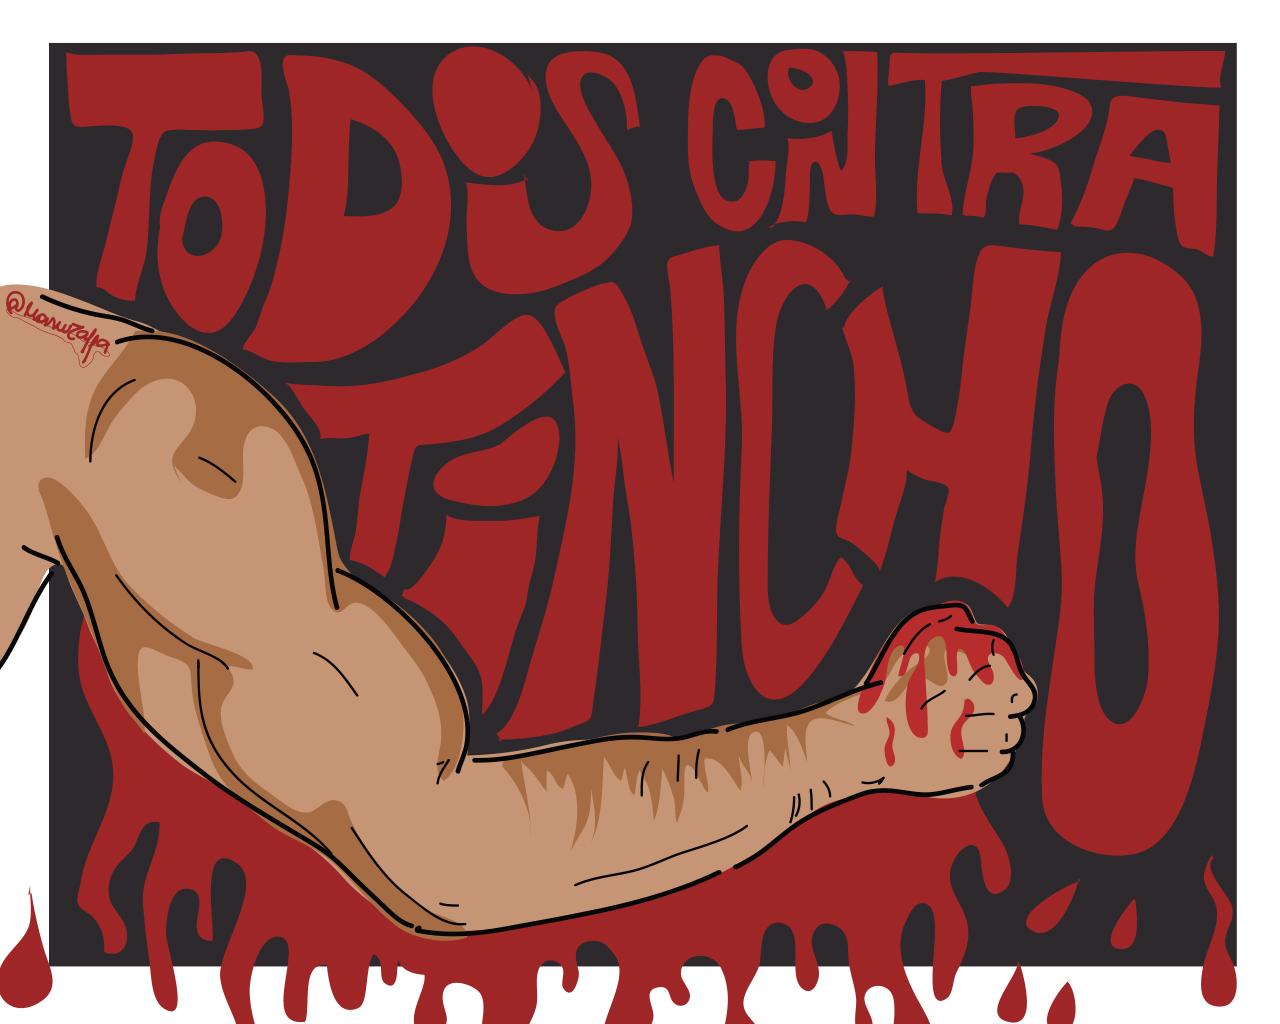 Todxs contra Tincho I